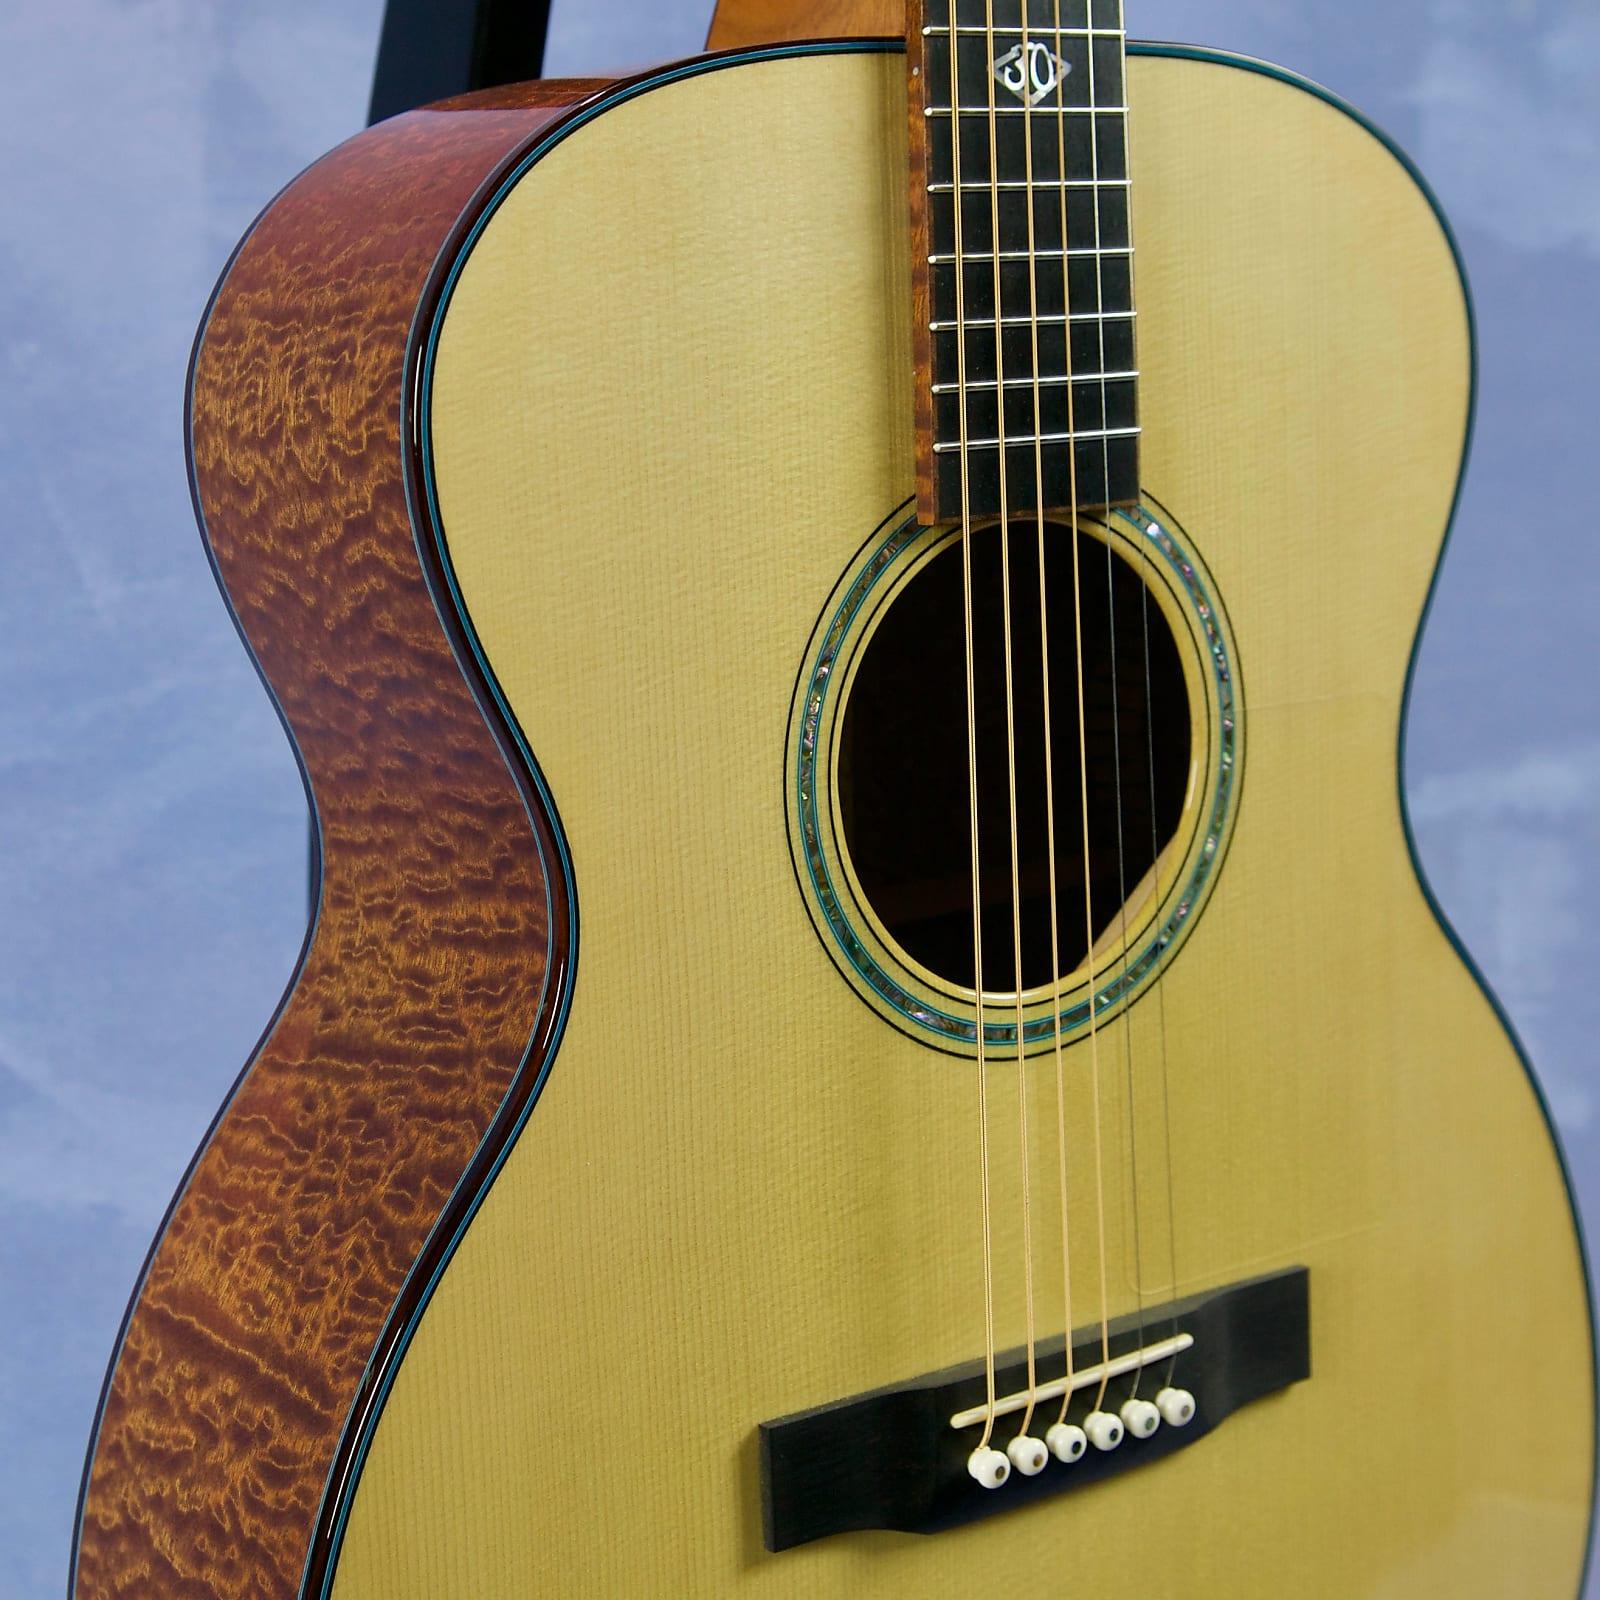 Morgan Guitars 30th Anniversary OM Special #5/5 2015